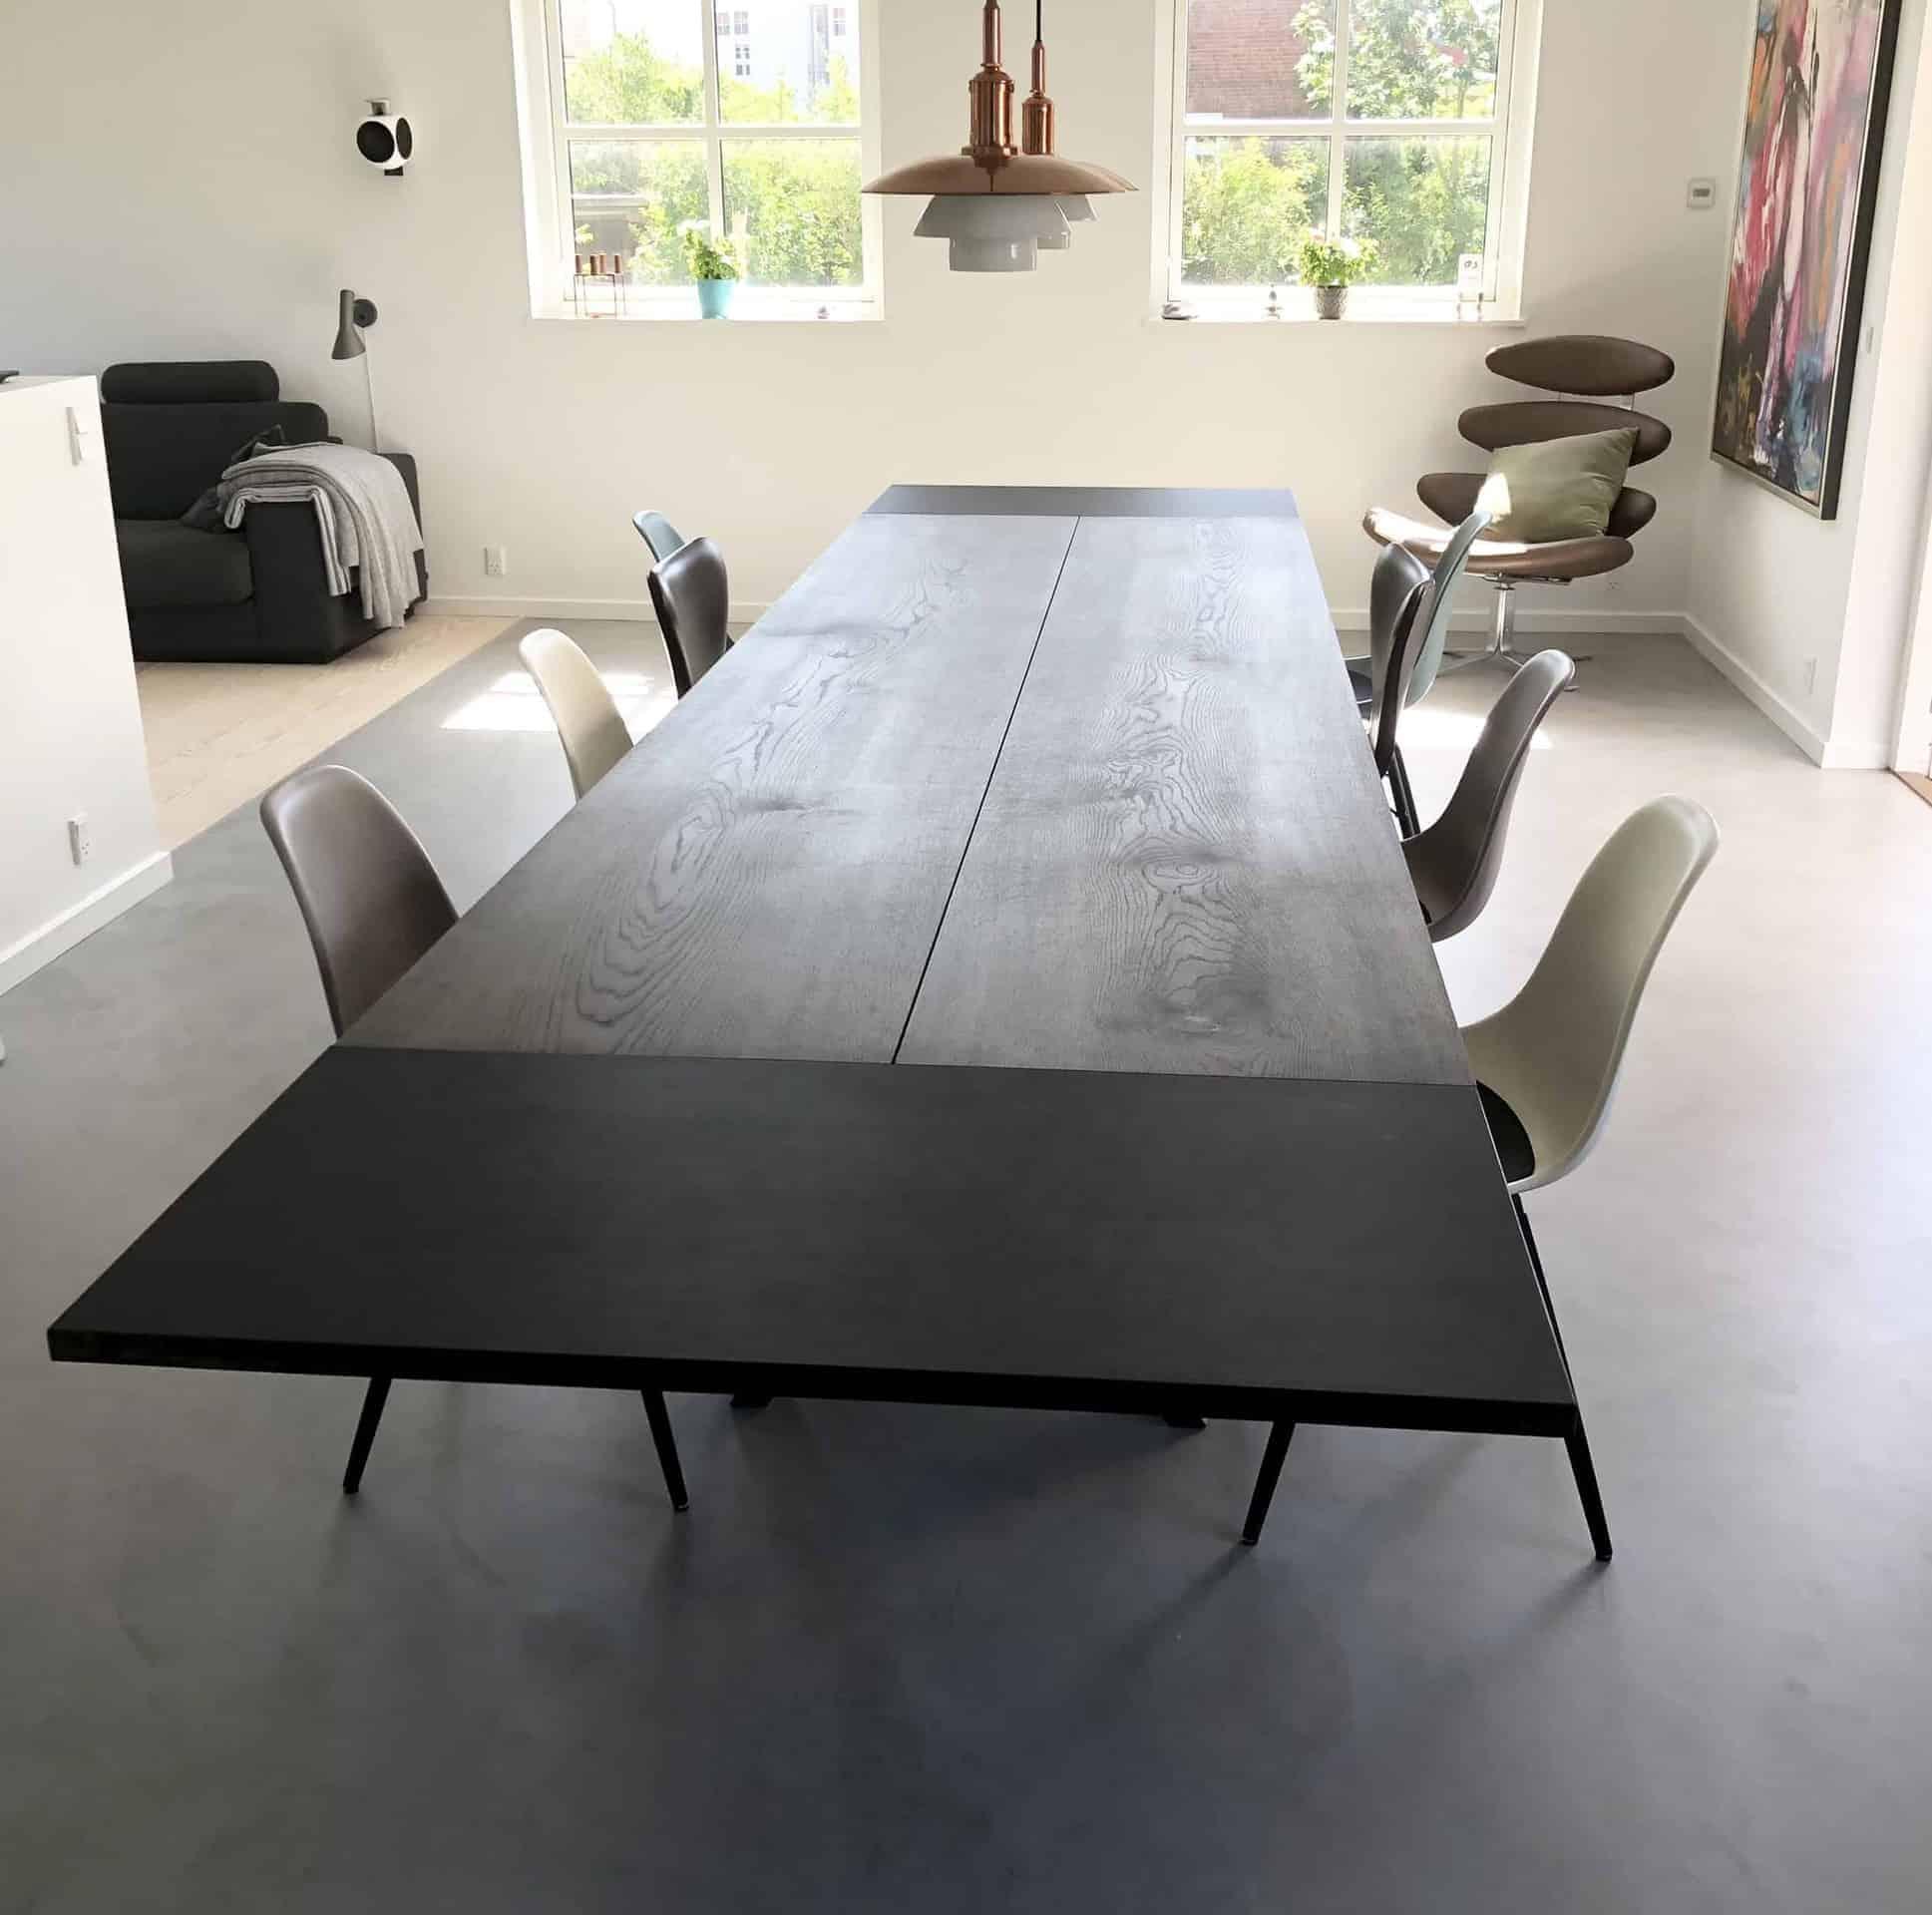 Mørkt egetræsbord med ekstra plader i enderne